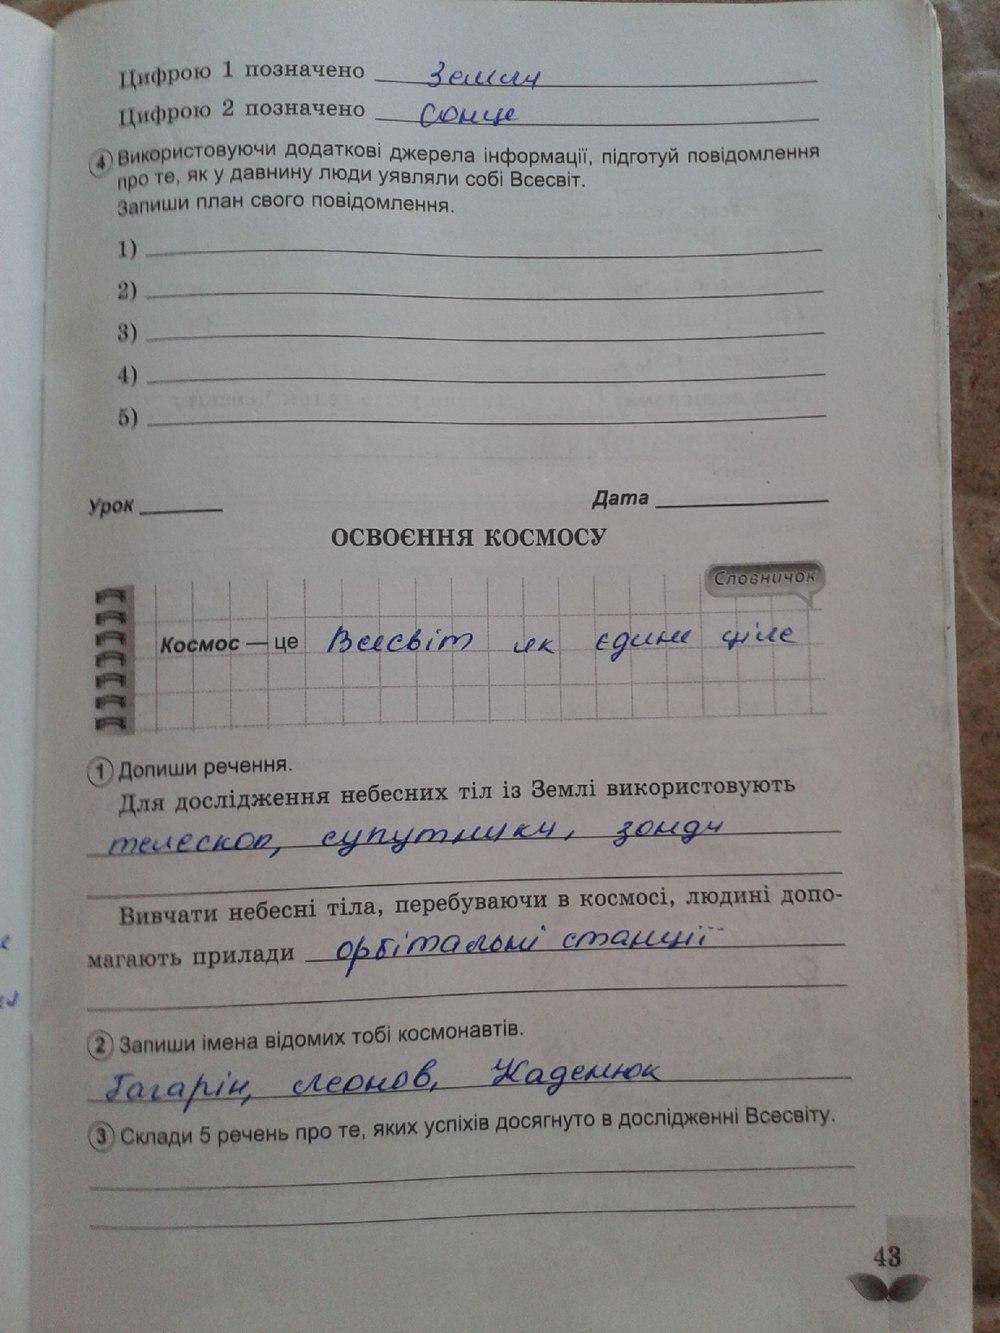 ГДЗ відповіді робочий зошит по биологии 5 класс Коршевнюк Т.В., Ярошенко О.Г.. Задание: стр. 43